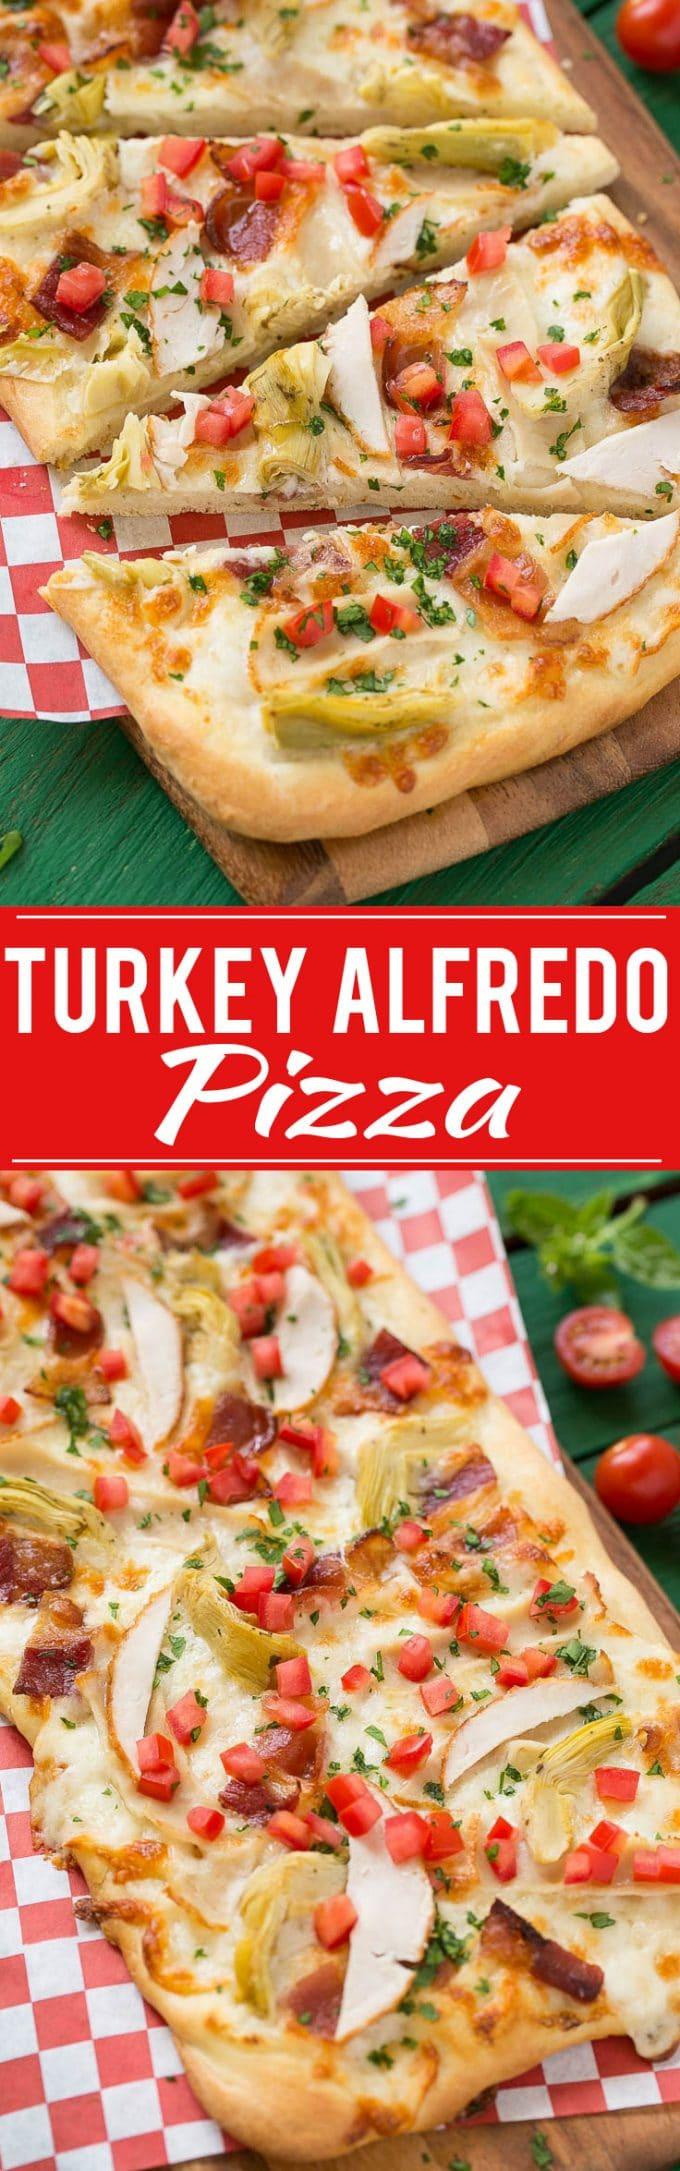 Turkey Alfredo Pizza Recipe | Turkey Artichoke Bacon Pizza | Best Turkey Pizza | Creamy Bacon Pizza | Bacon Alfredo Pizza